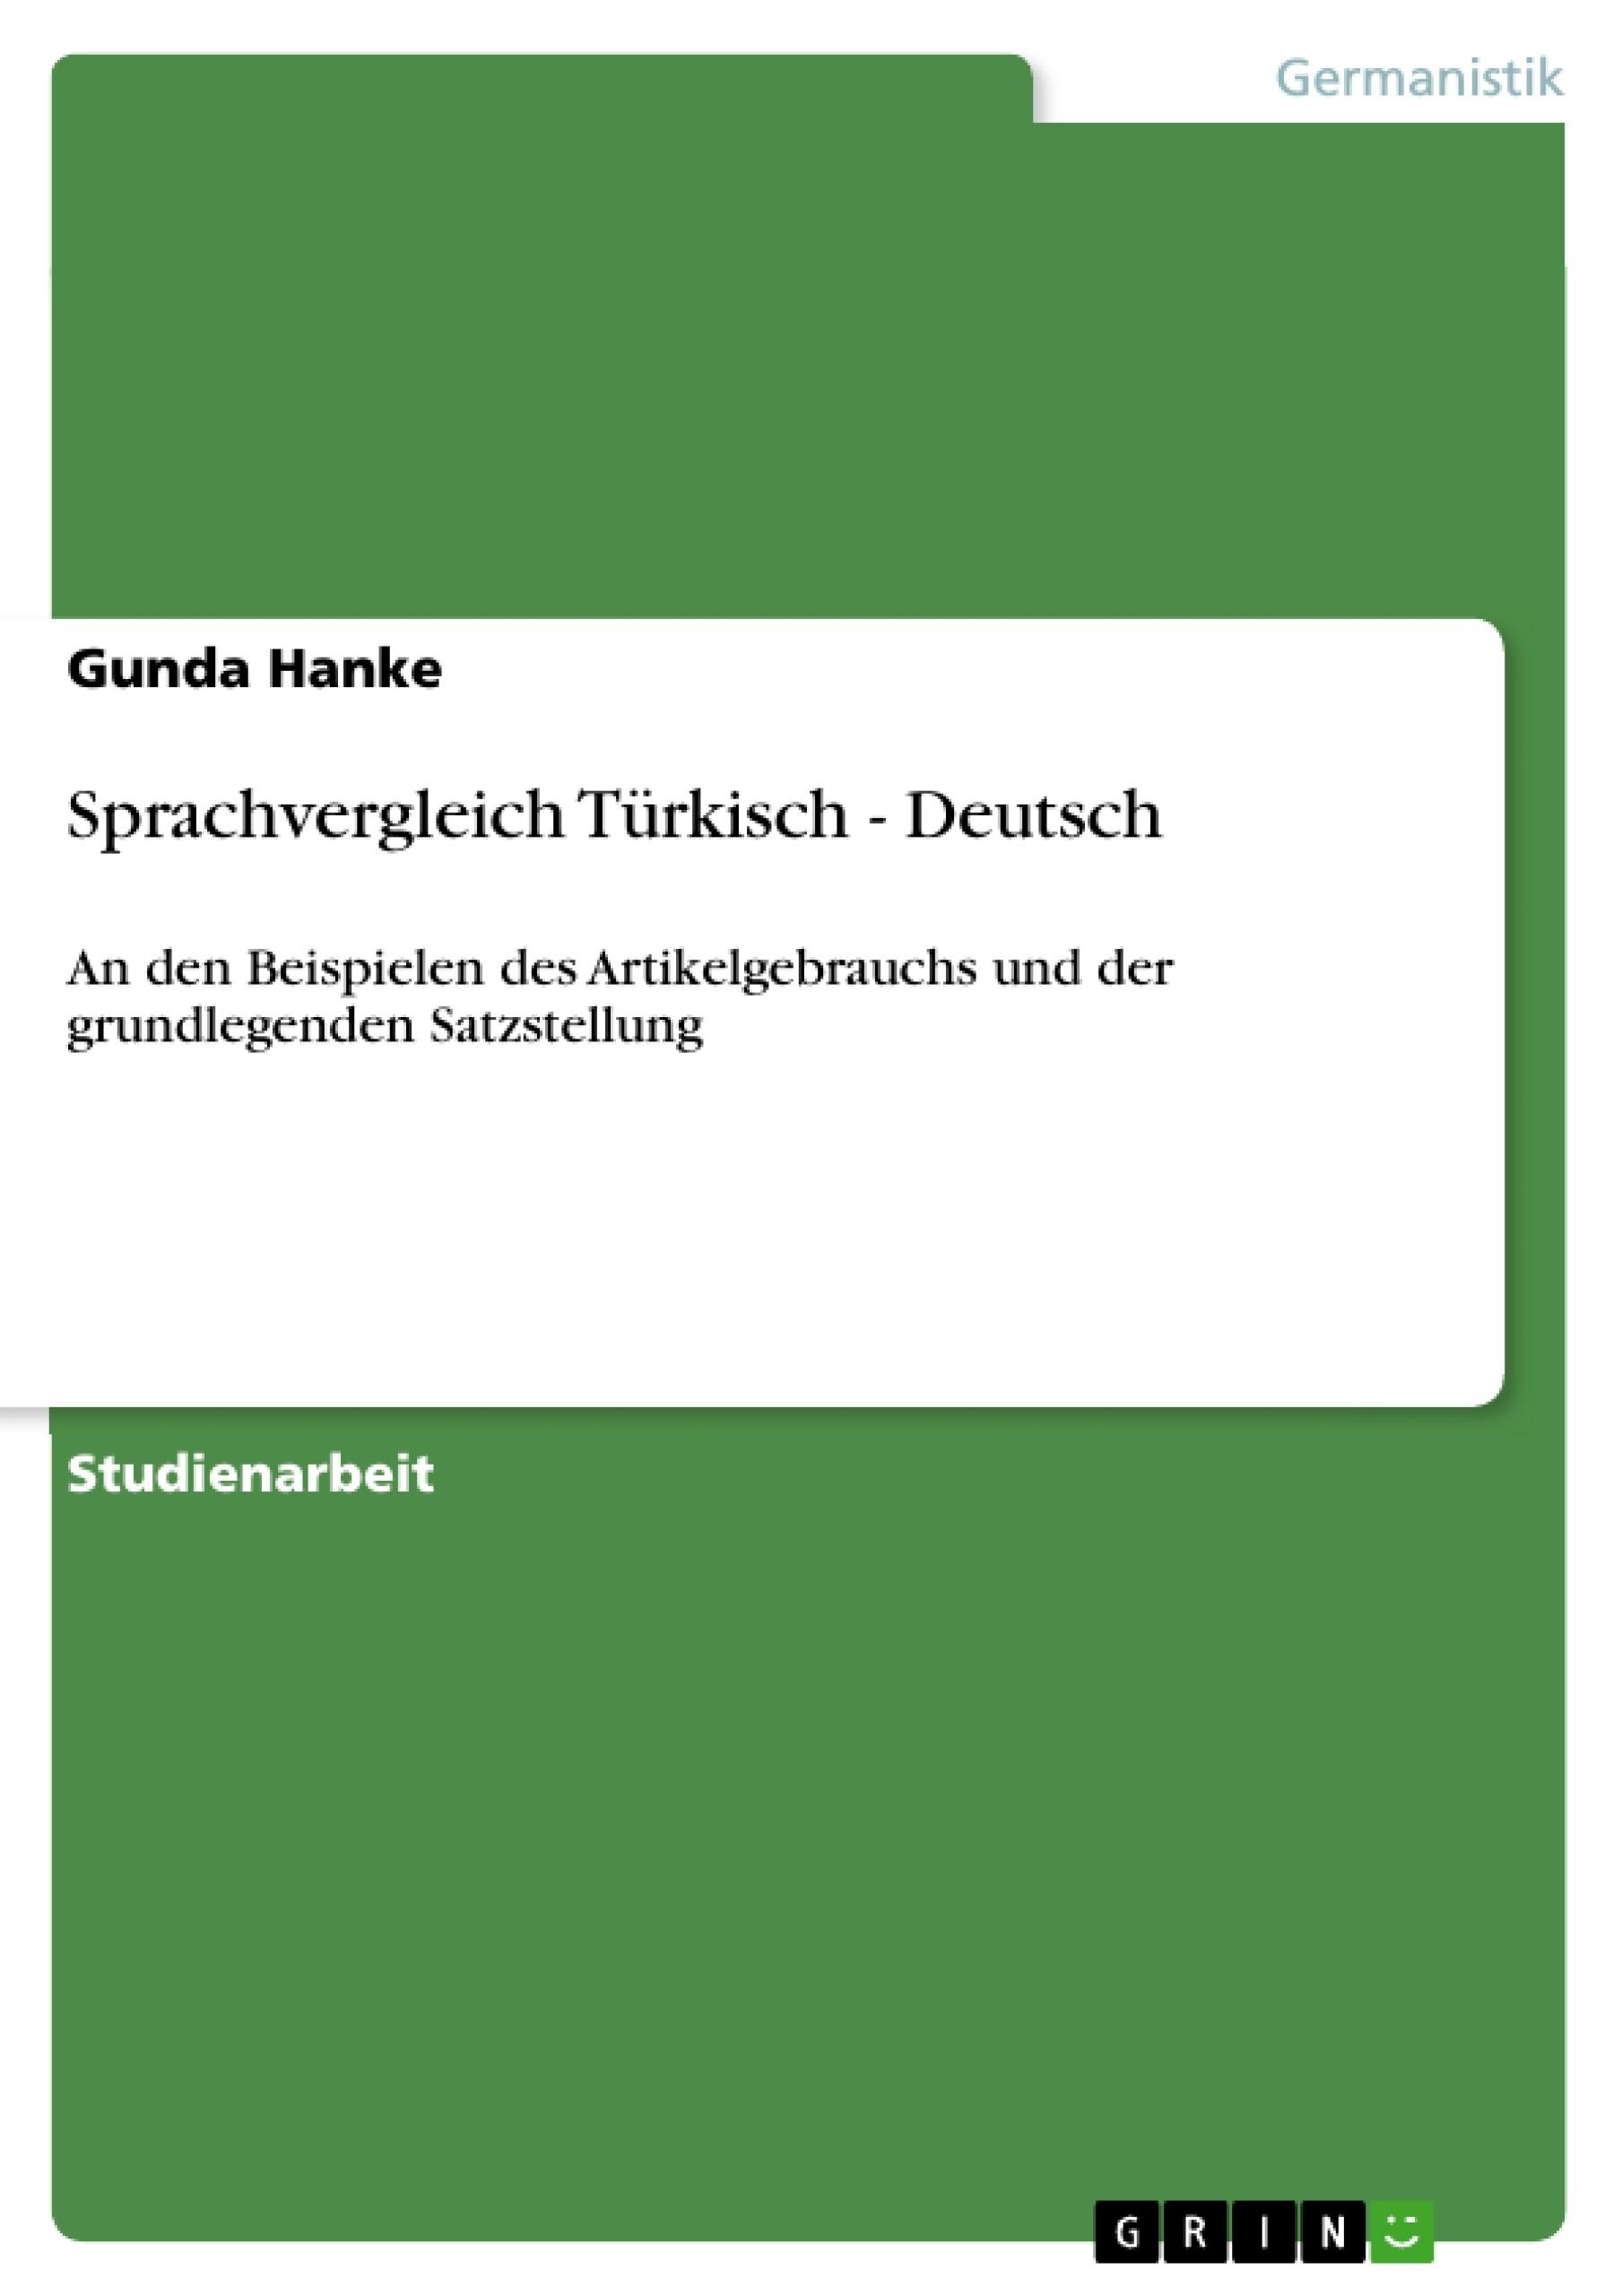 Titel: Sprachvergleich Türkisch - Deutsch